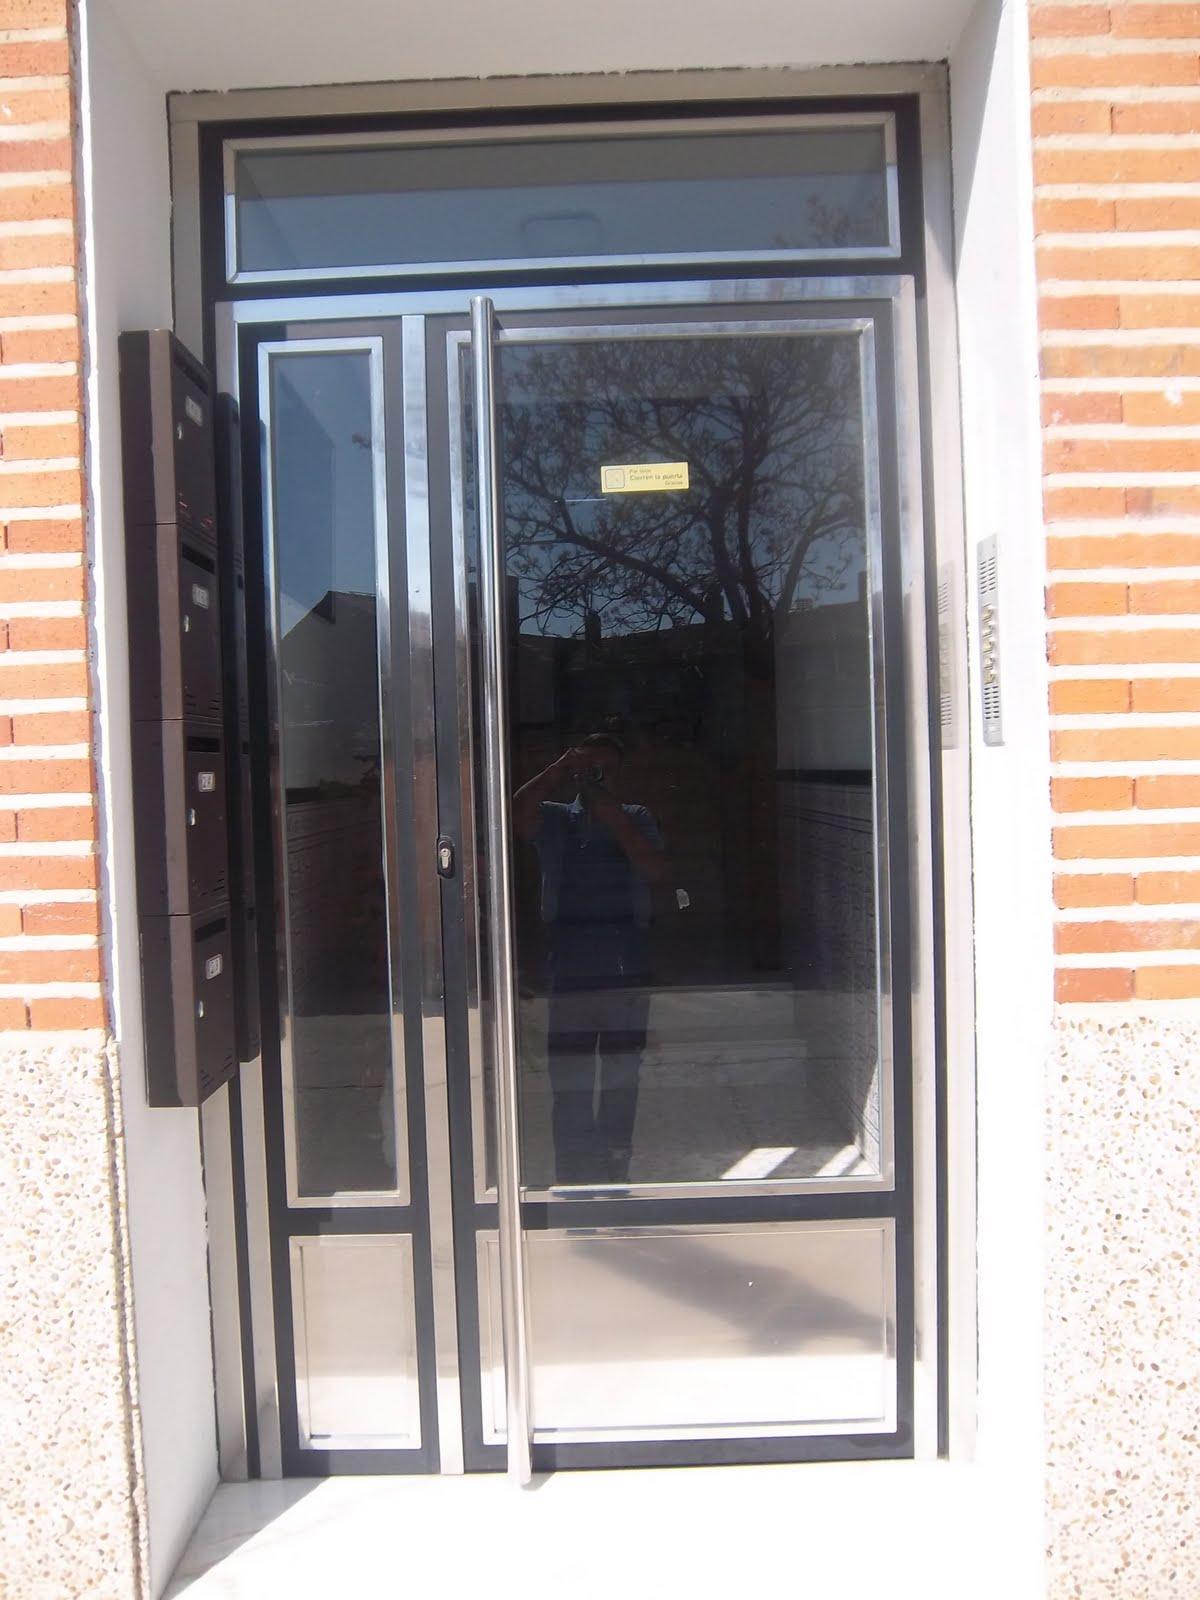 Norbel carpinteria met lica y acero inoxidable puerta de for Puertas de entrada de hierro